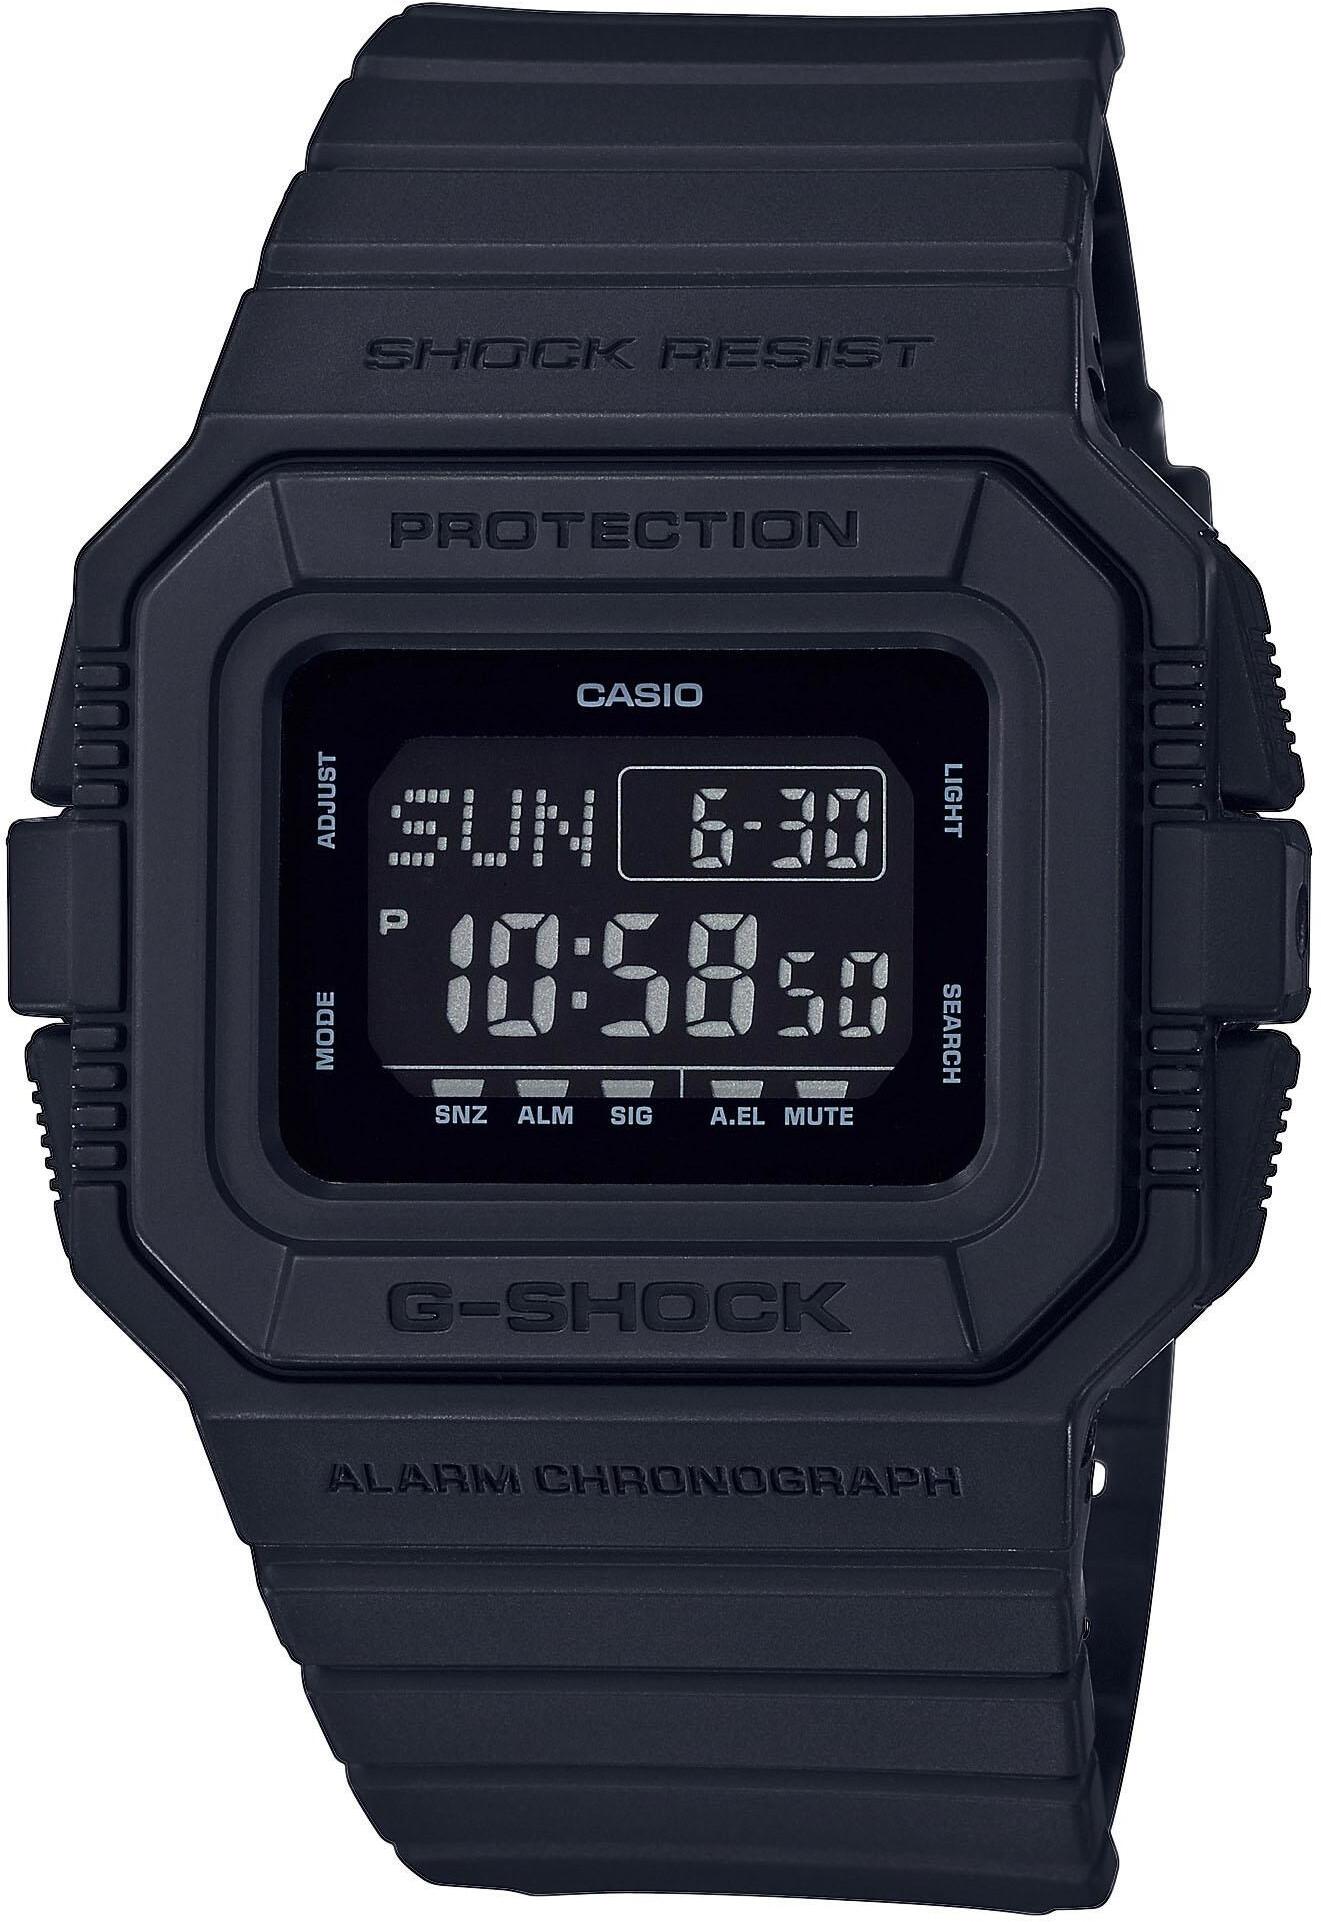 CASIO G-SHOCK DW-D5500BB-1ER Ur Herrer, black (2019)   Sports watches